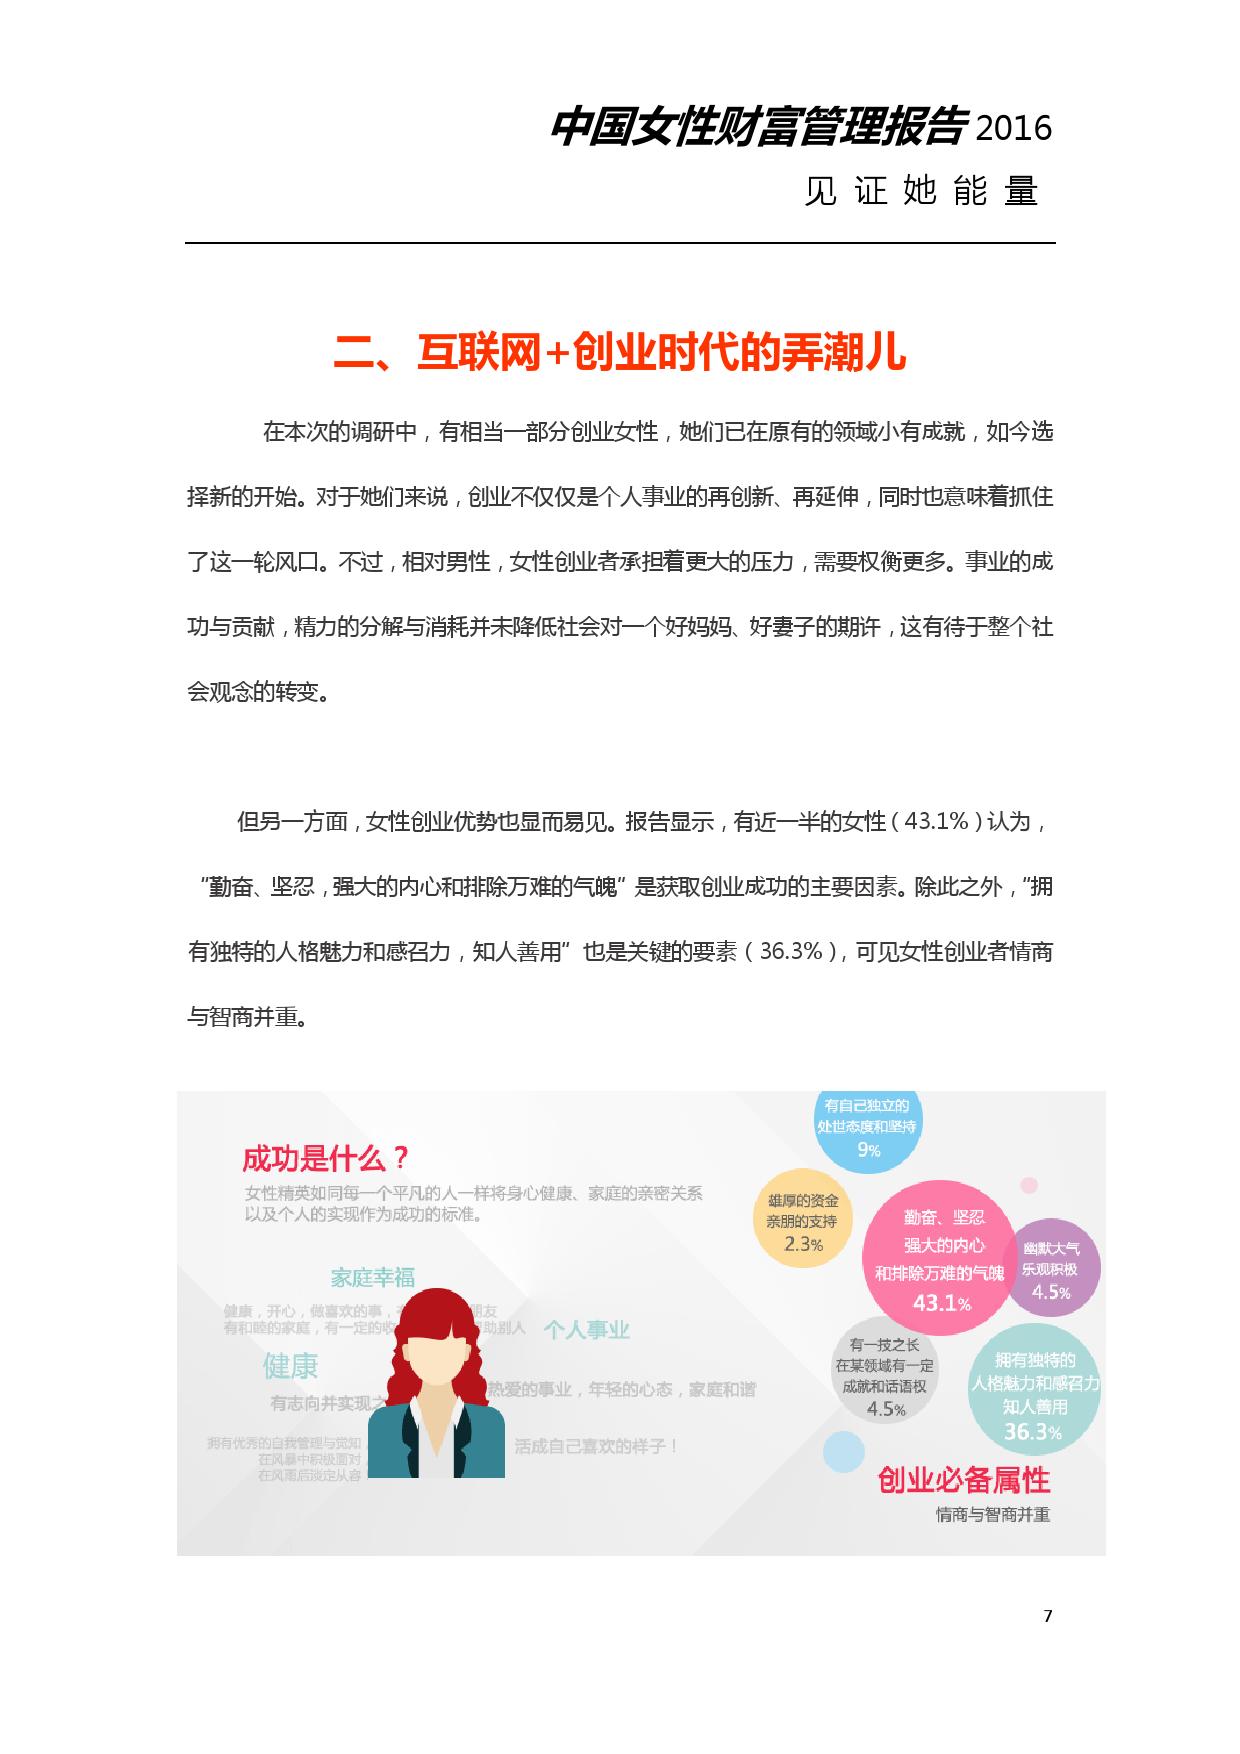 2016年中国女性财富管理报告_000007